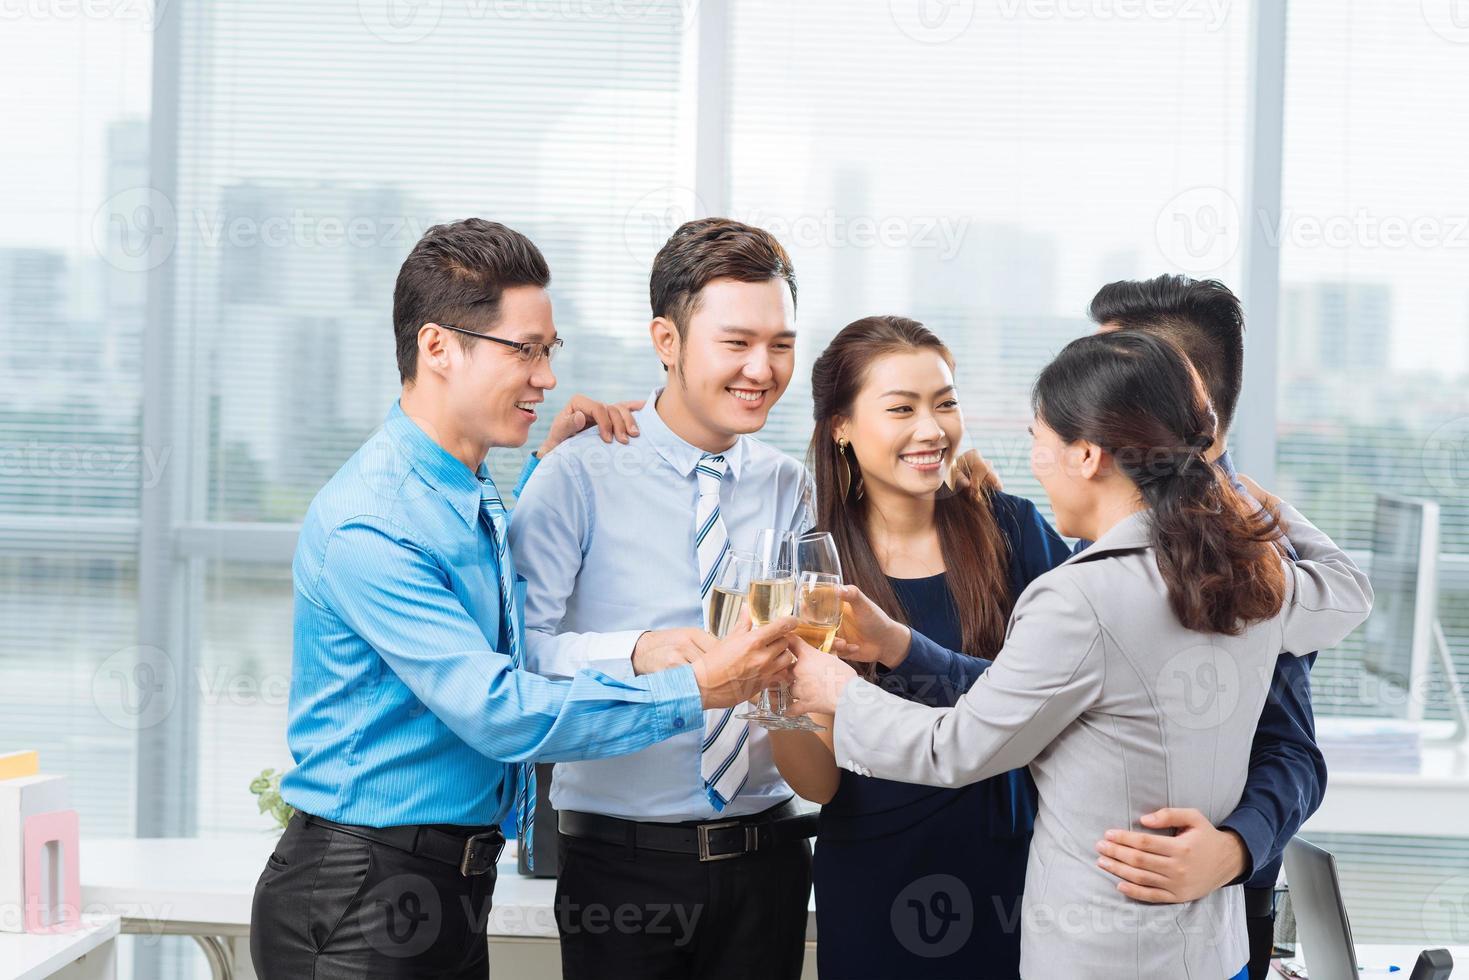 mensen uit het bedrijfsleven roosteren foto